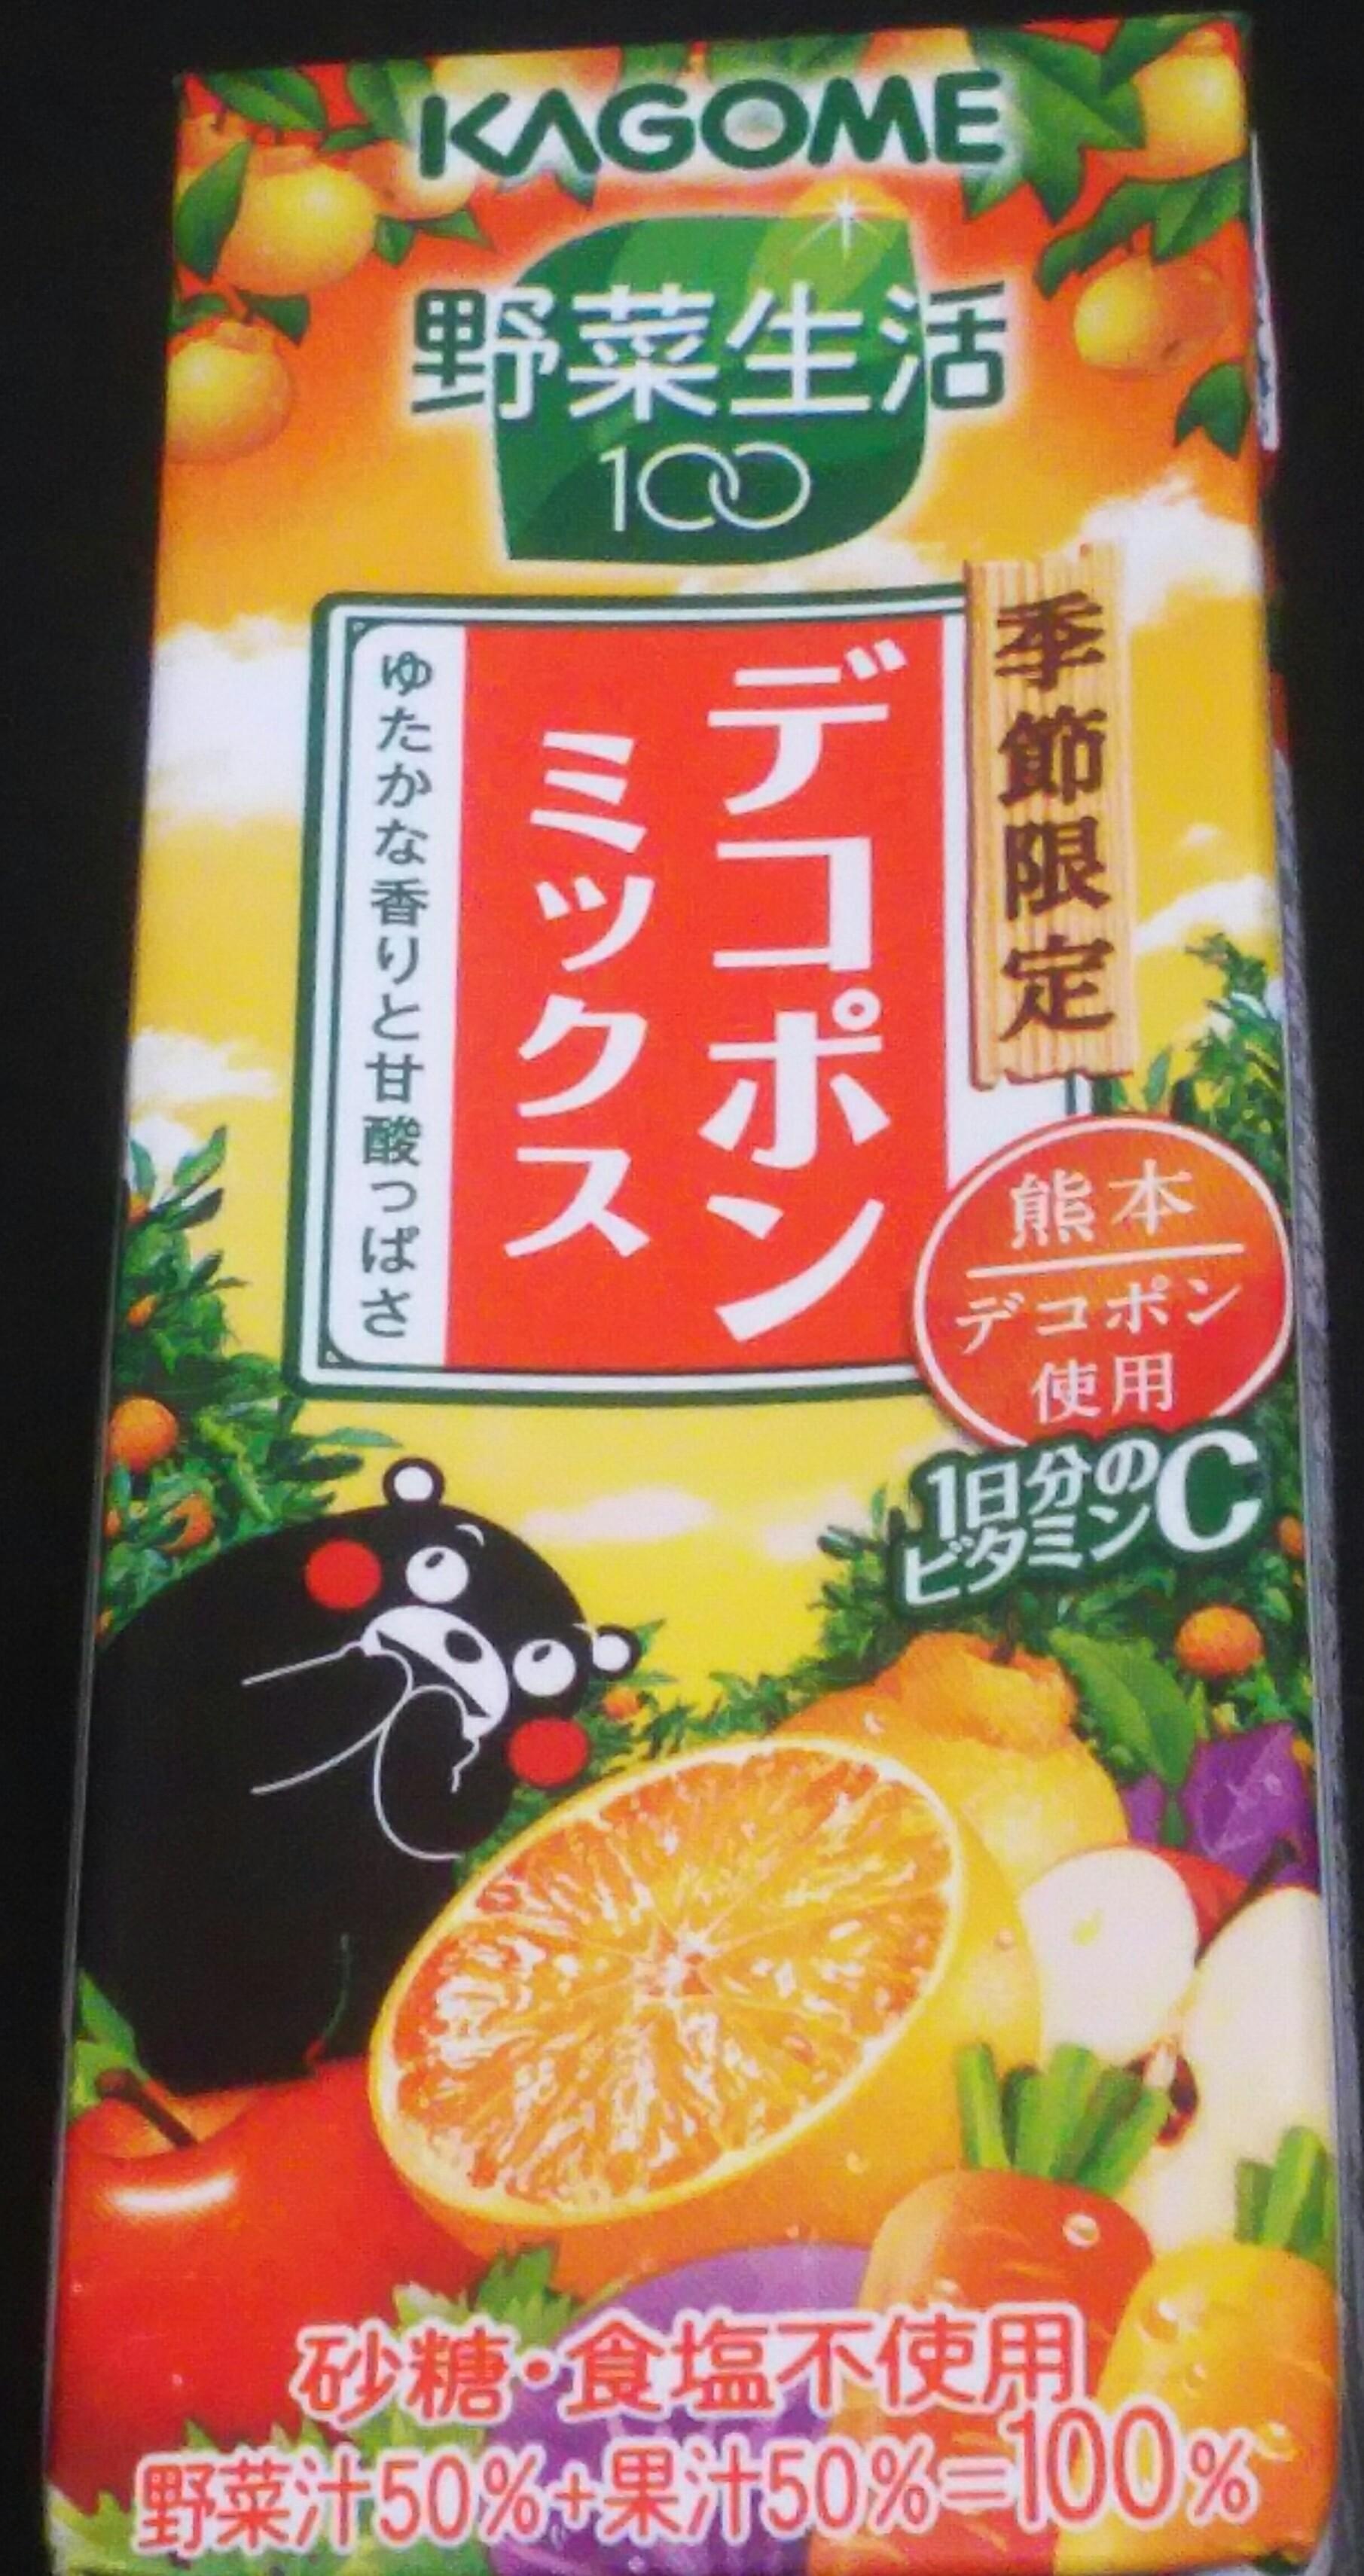 野菜生活100 デコポンミックス(カゴメ)感想・レビュー